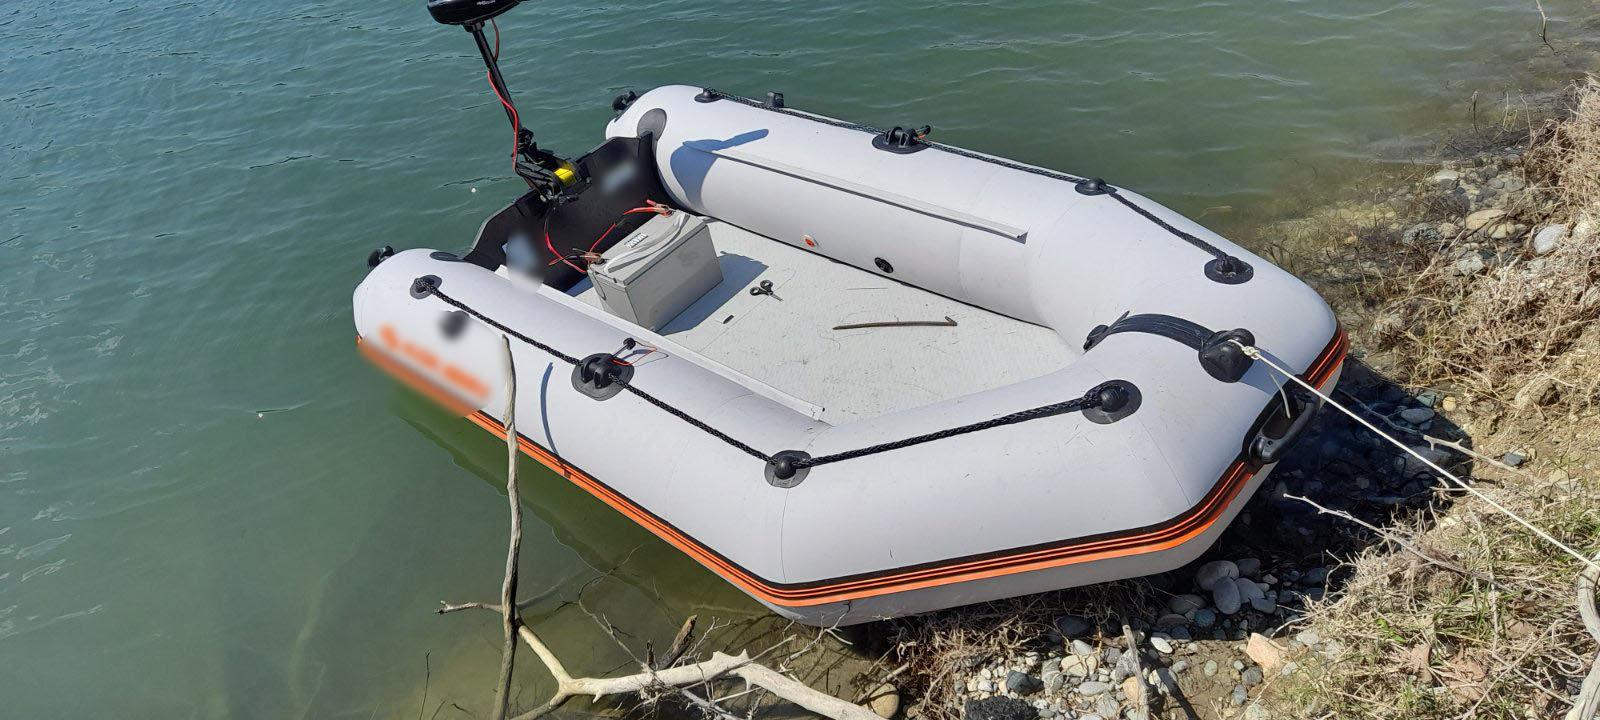 Σύλληψη δυο ατόμων στη λίμνη Ιλαρίωνα για παράνομη αλιεία  Σύλληψη δυο ατόμων στη λίμνη Ιλαρίωνα για παράνομη αλιεία 12062021dytmakal001